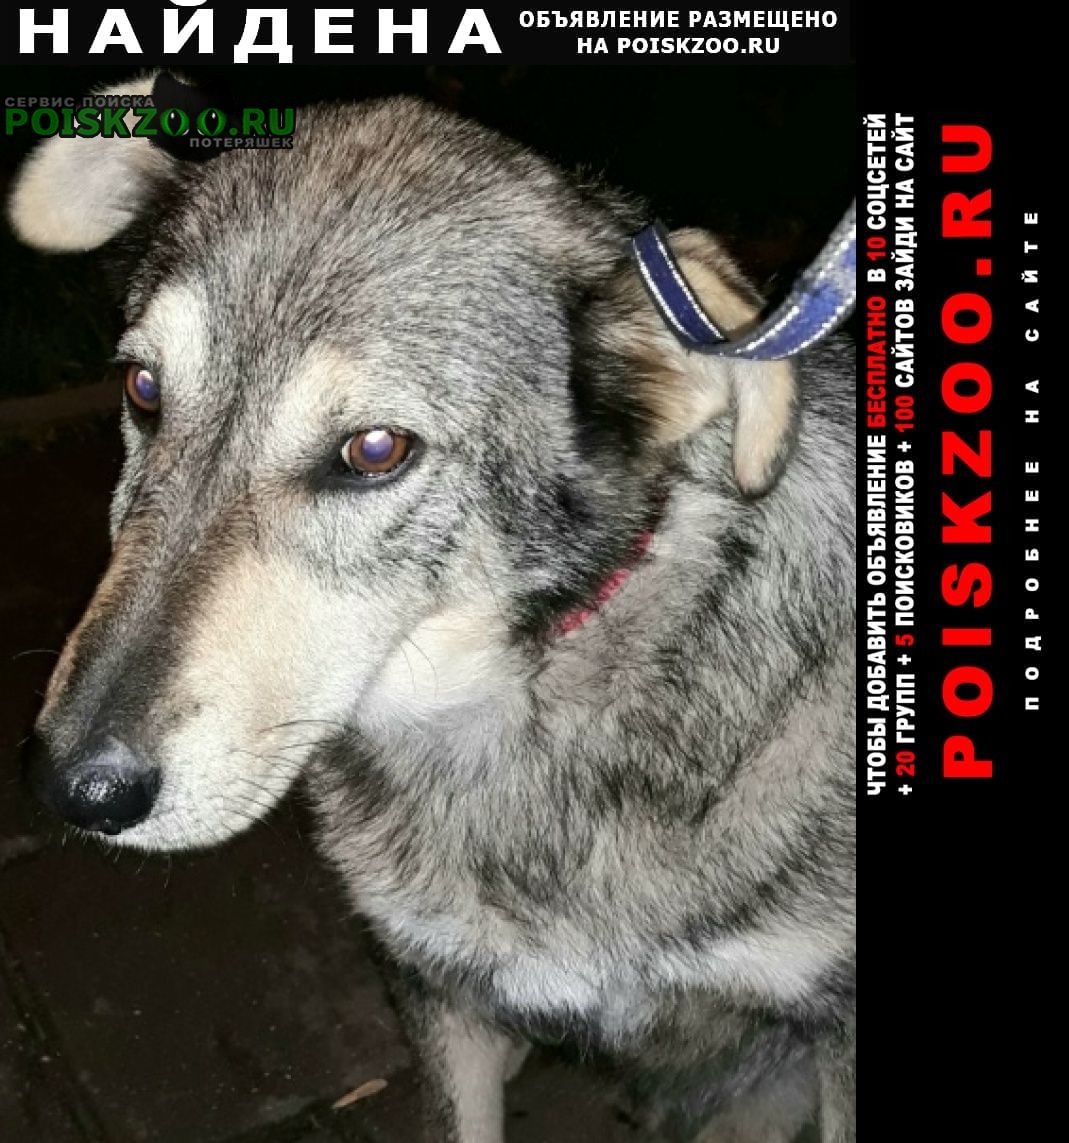 Найдена собака в снт дружба-1 пришл пёс Сергиев Посад